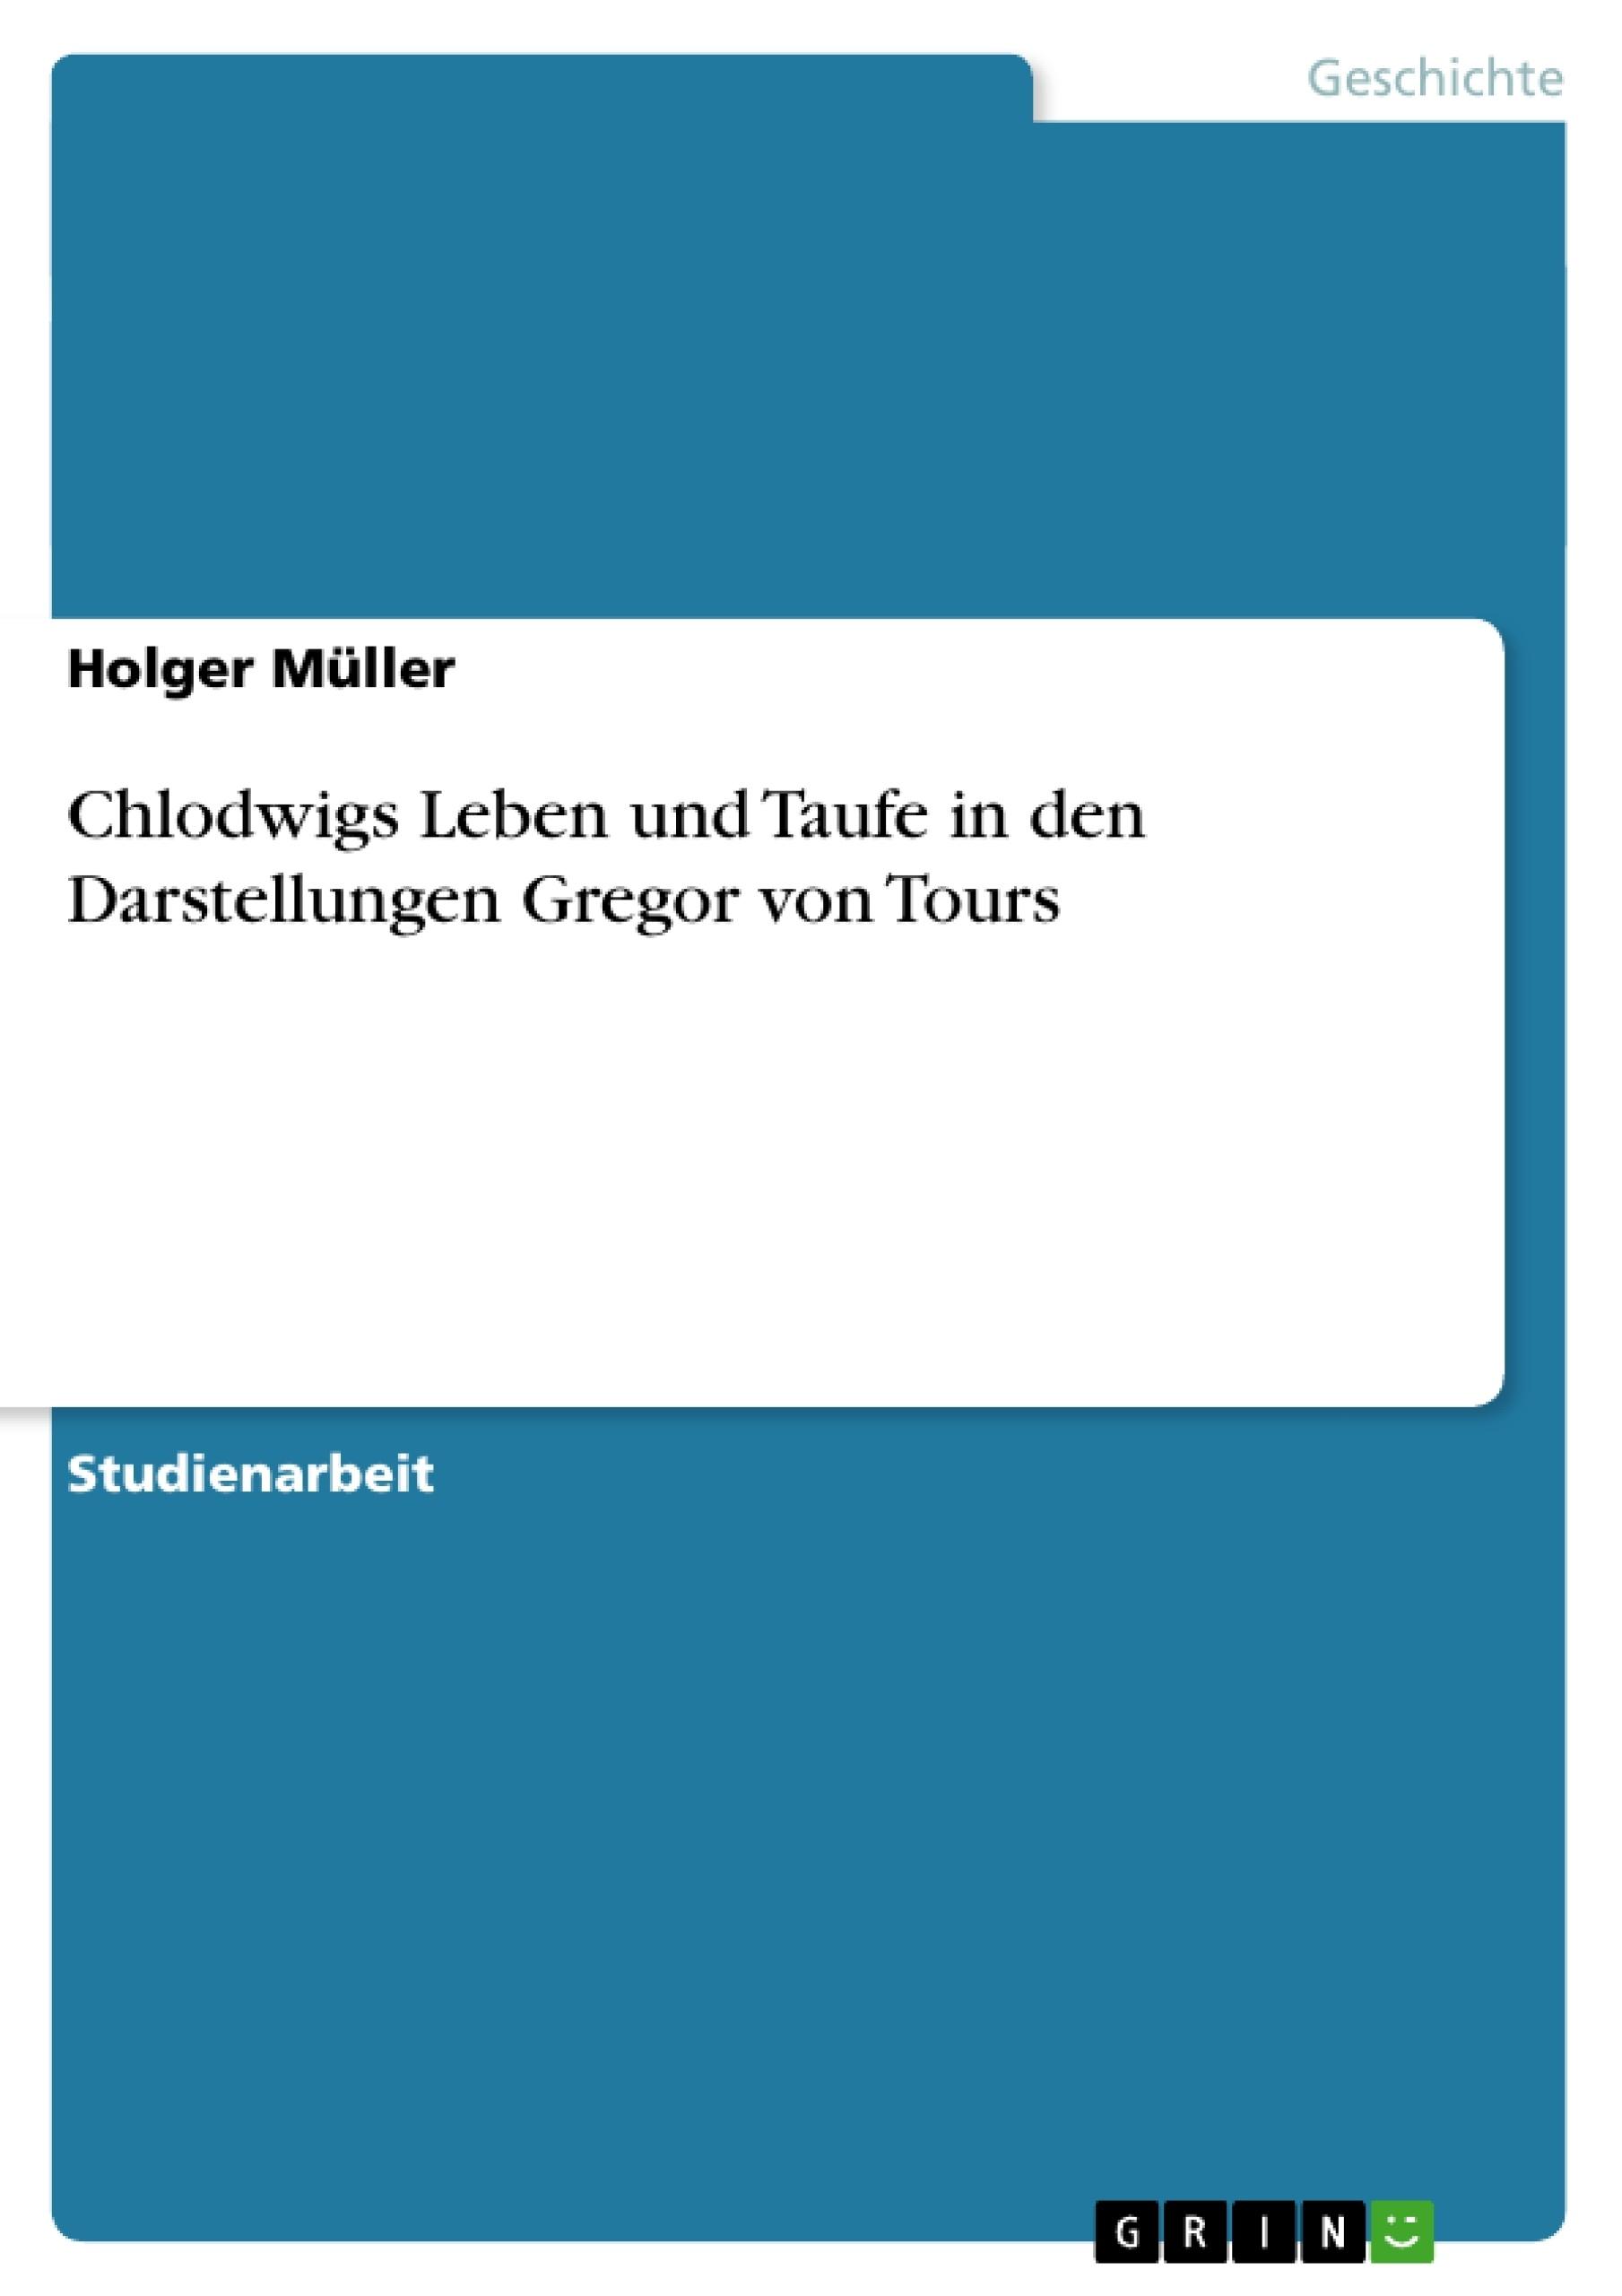 Titel: Chlodwigs Leben und Taufe in den Darstellungen Gregor von Tours